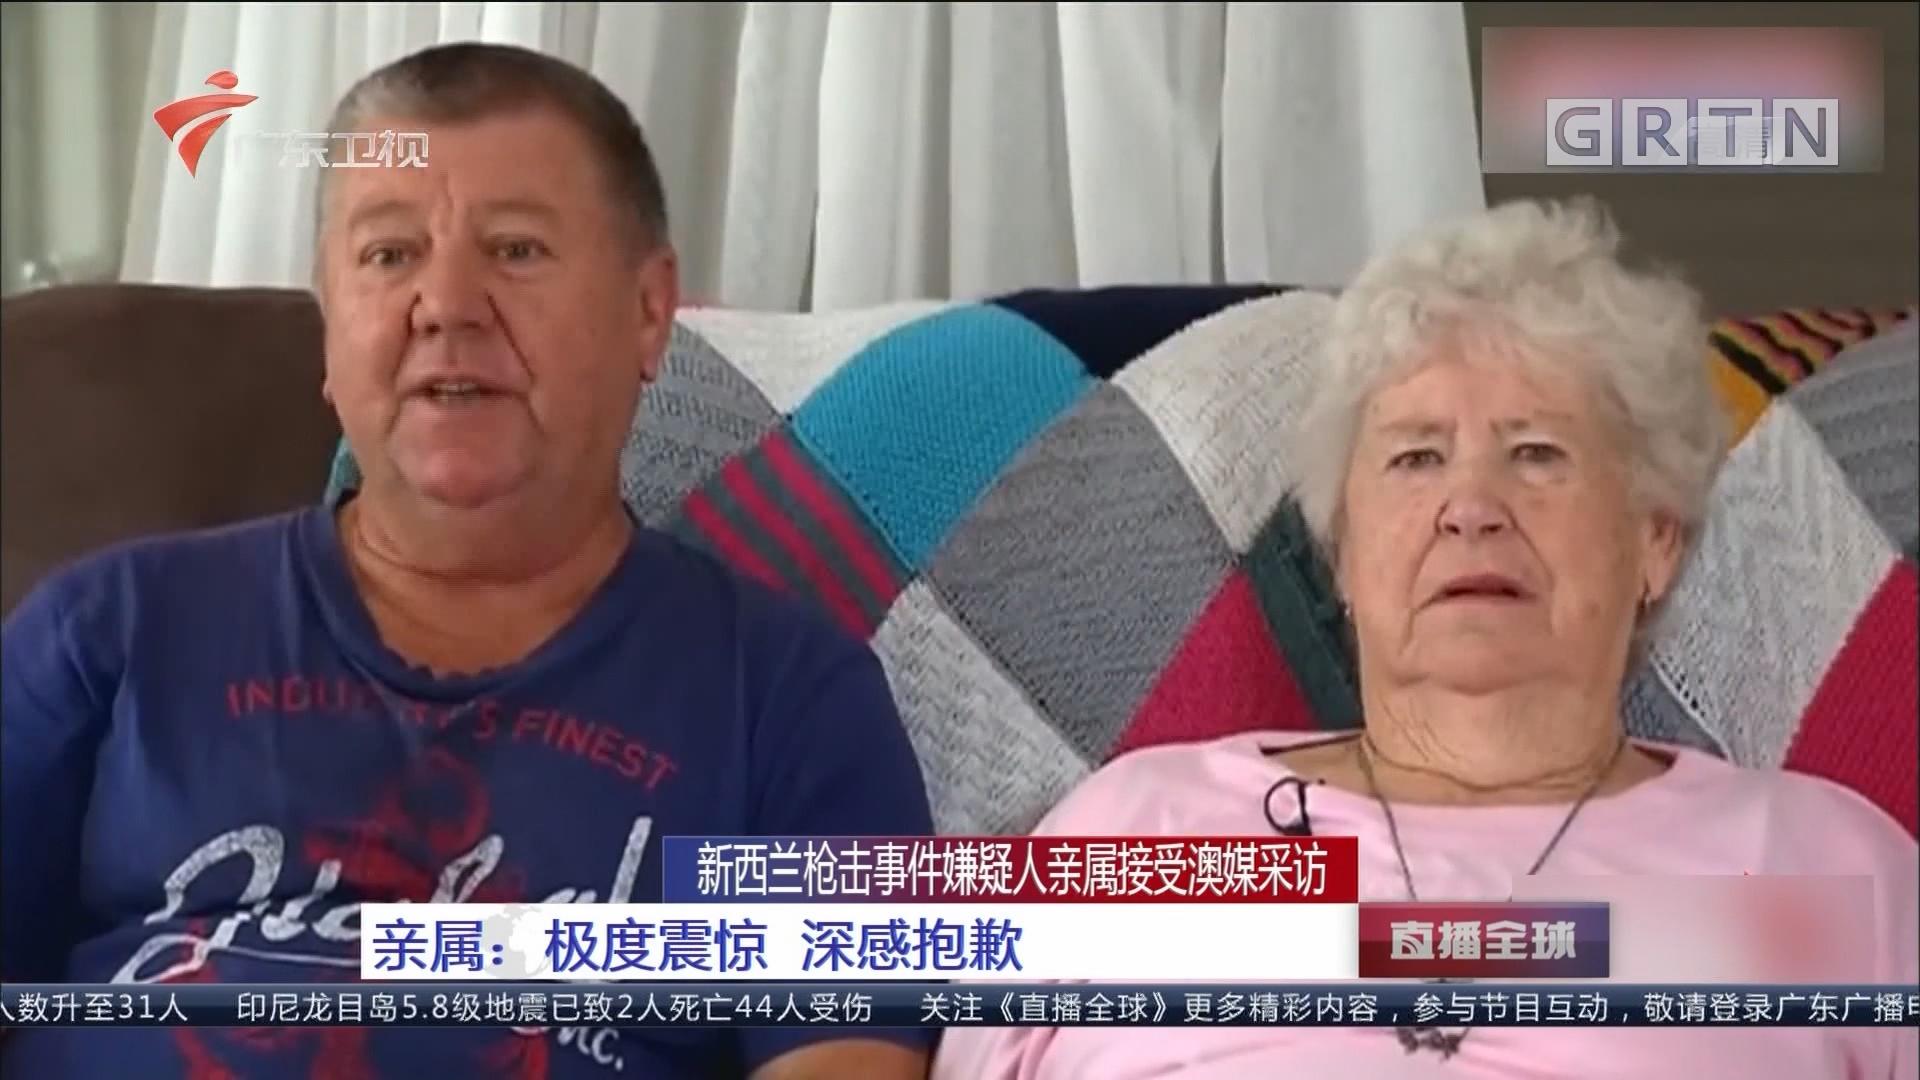 新西兰枪击事件嫌疑人亲属接受澳媒采访 亲属:极度震惊 深感抱歉